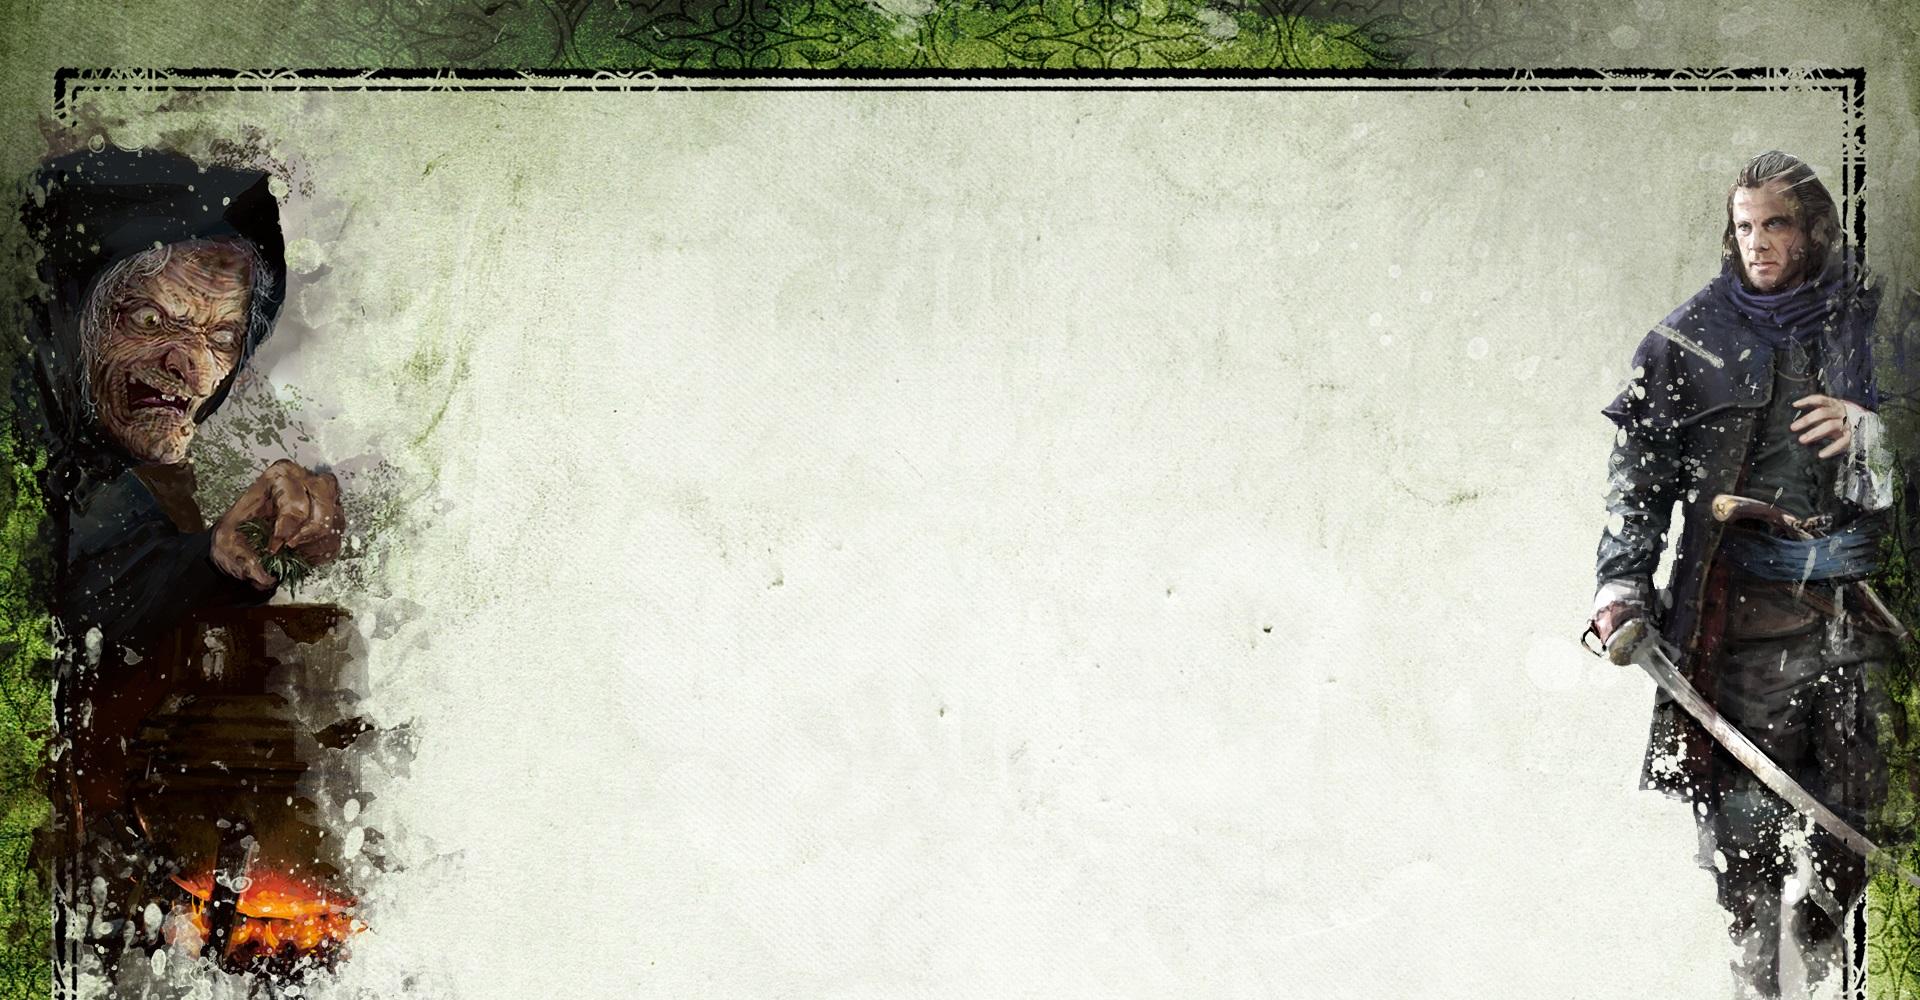 background HeXXen 1733 - Hexenjagd